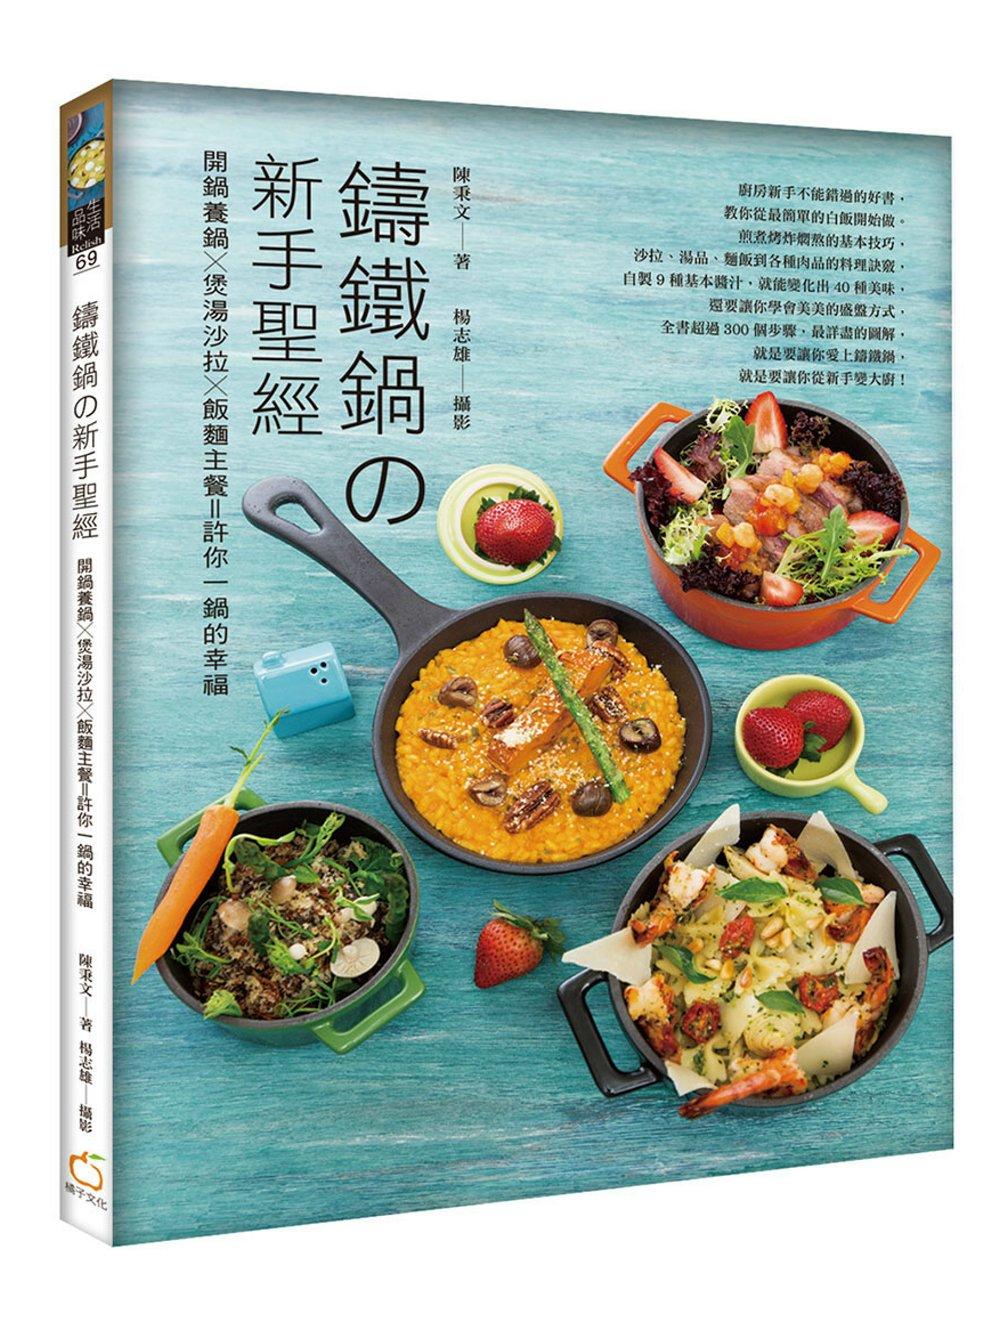 鑄鐵鍋の新手聖經:開鍋養鍋x煲湯沙拉x飯麵主餐=許你一鍋的幸福